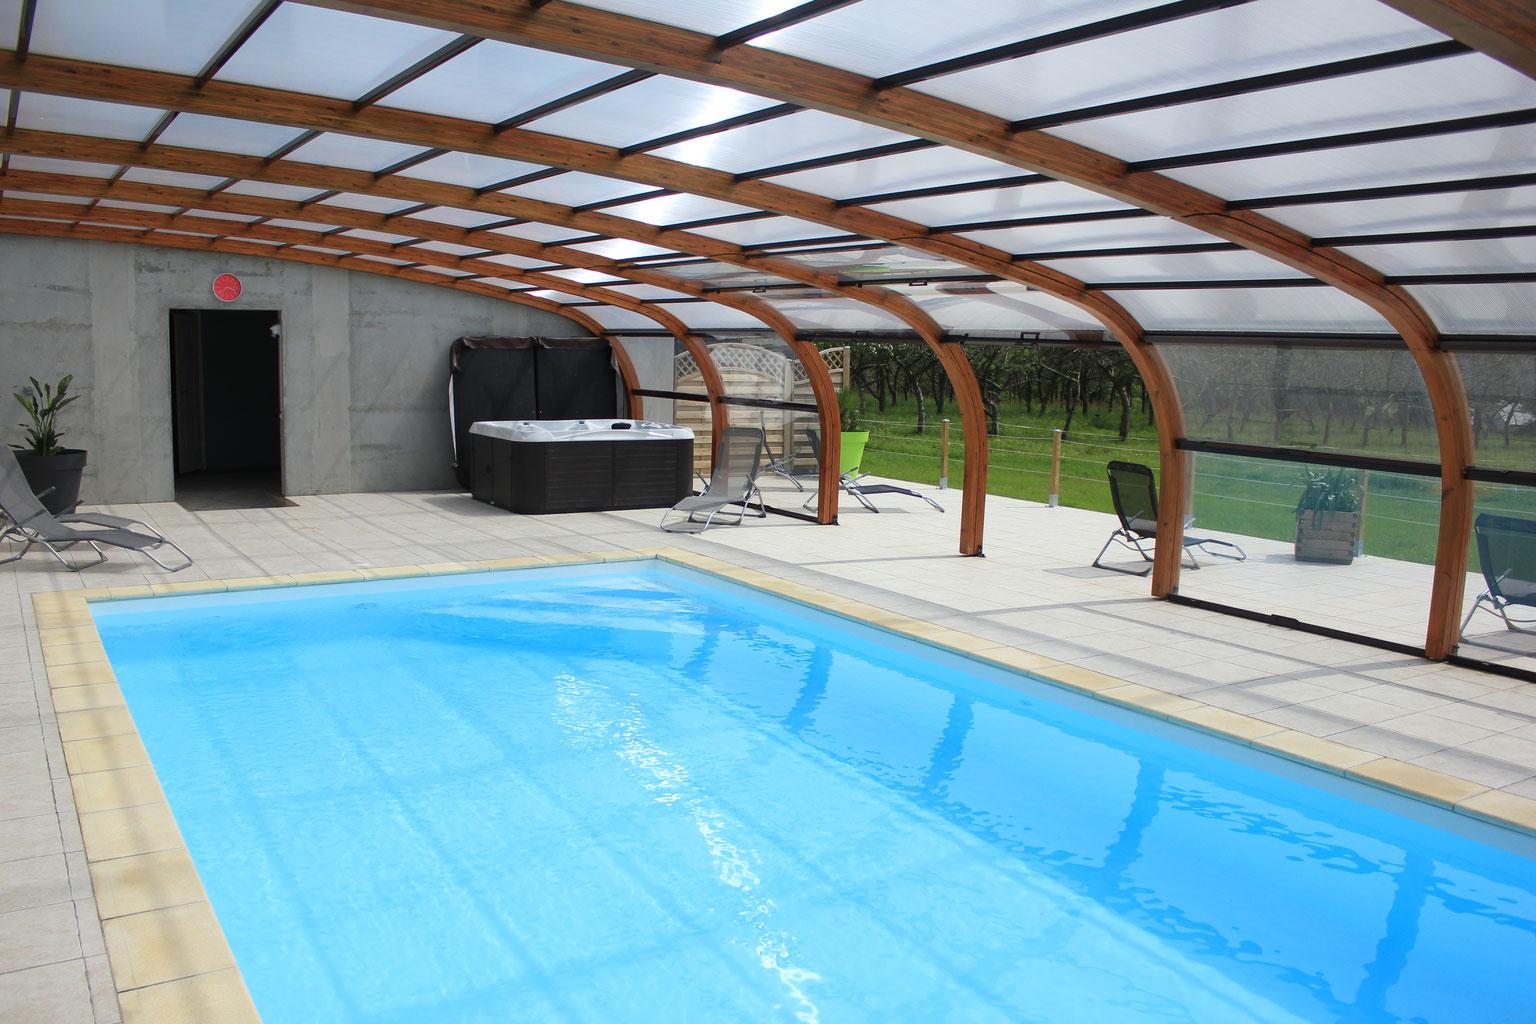 Gites avec piscine en normandie la vall e f erique - Gite avec piscine couverte normandie ...